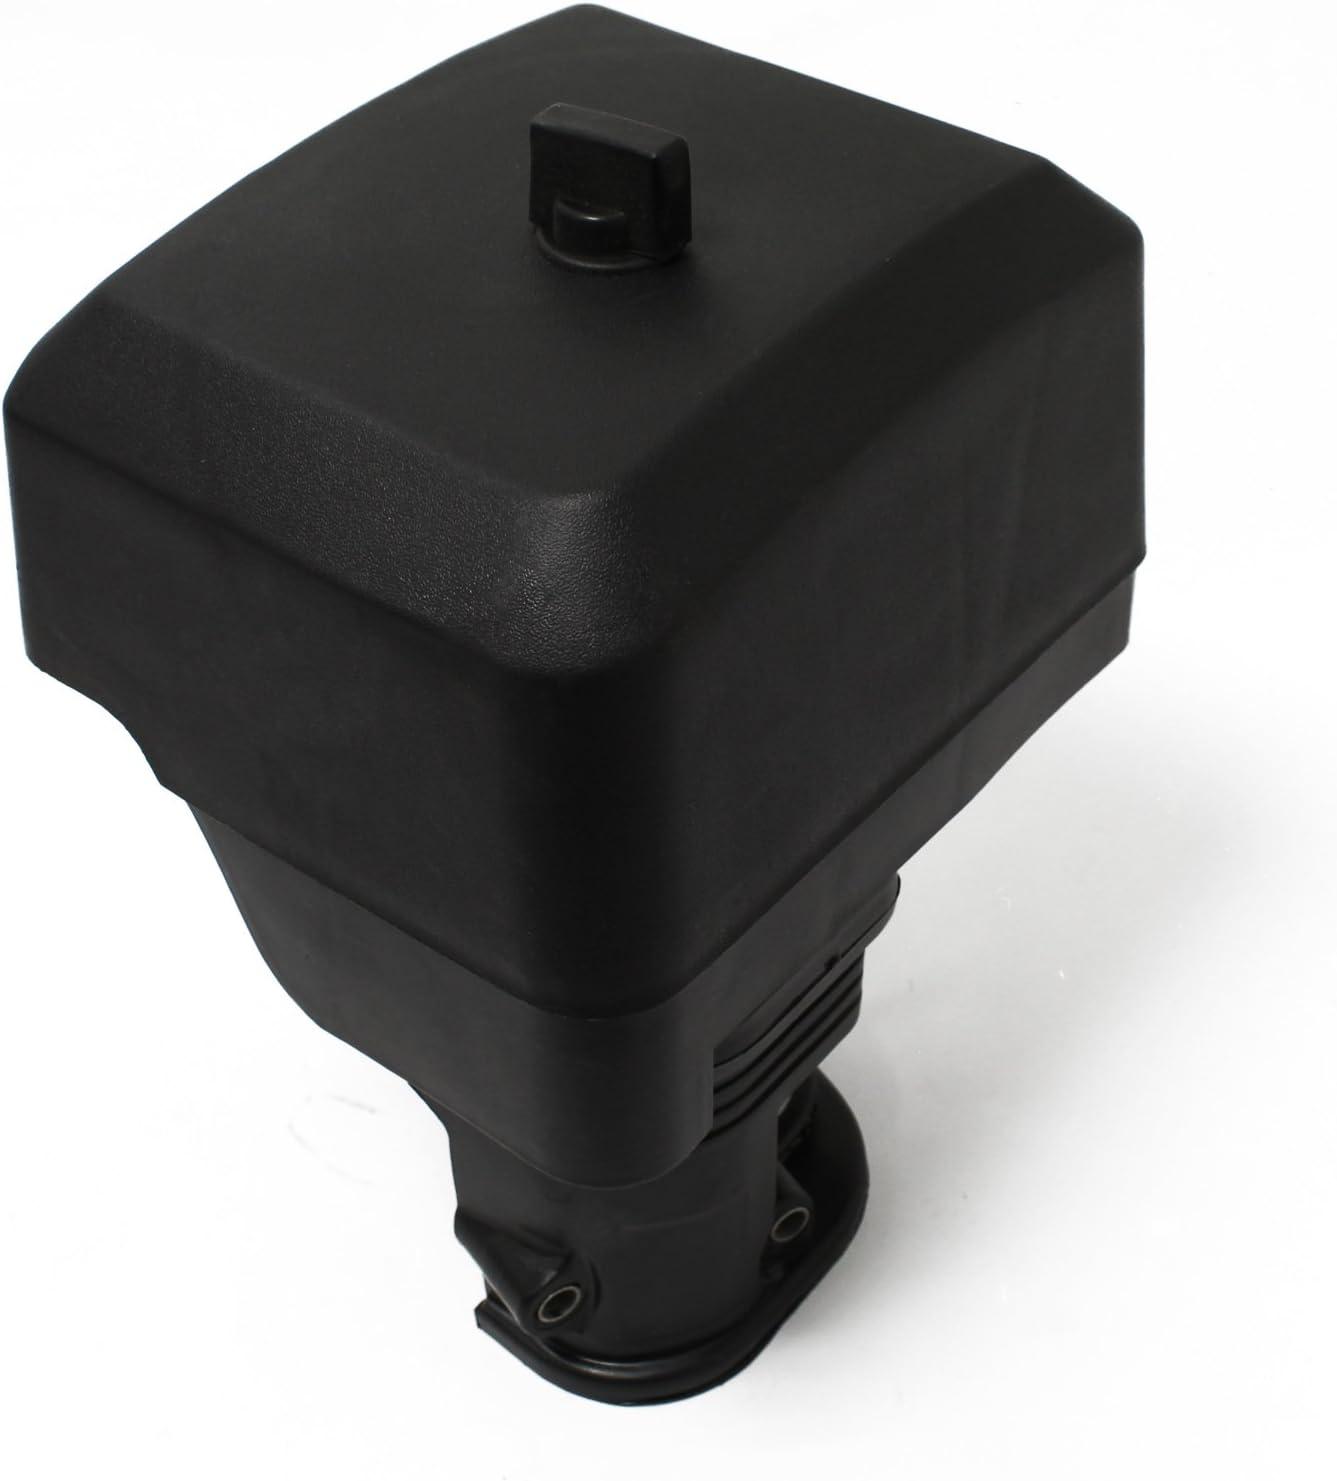 Ersatzteil Für Benzinmotor 13 Ps Luftfiltergehäuse Komplett Baumarkt